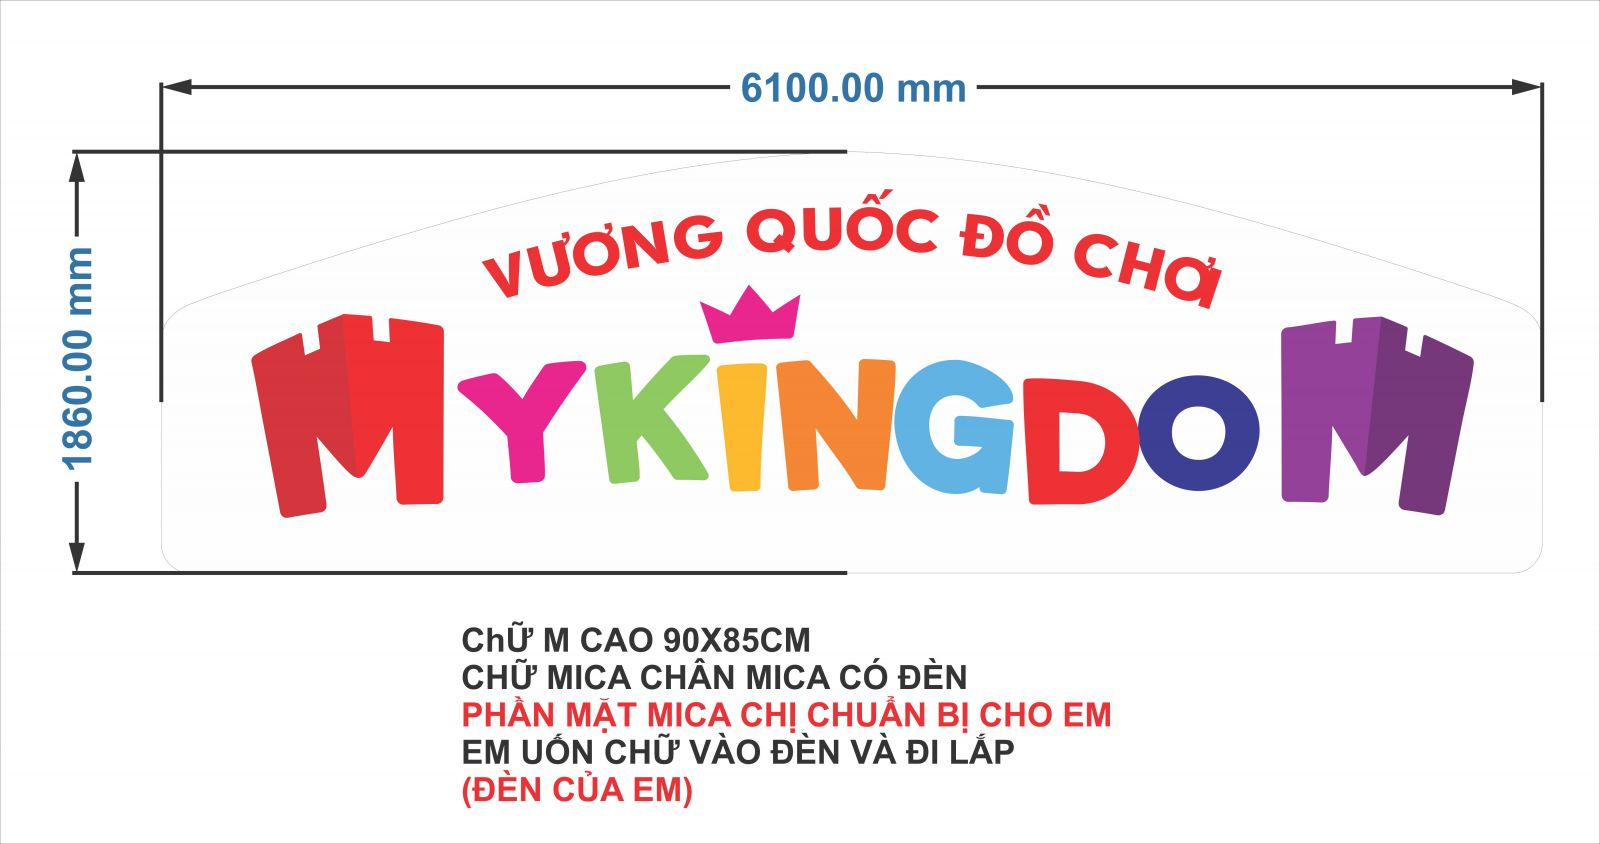 sản xuất thi công biển hiệu quảng cáo mykingdom